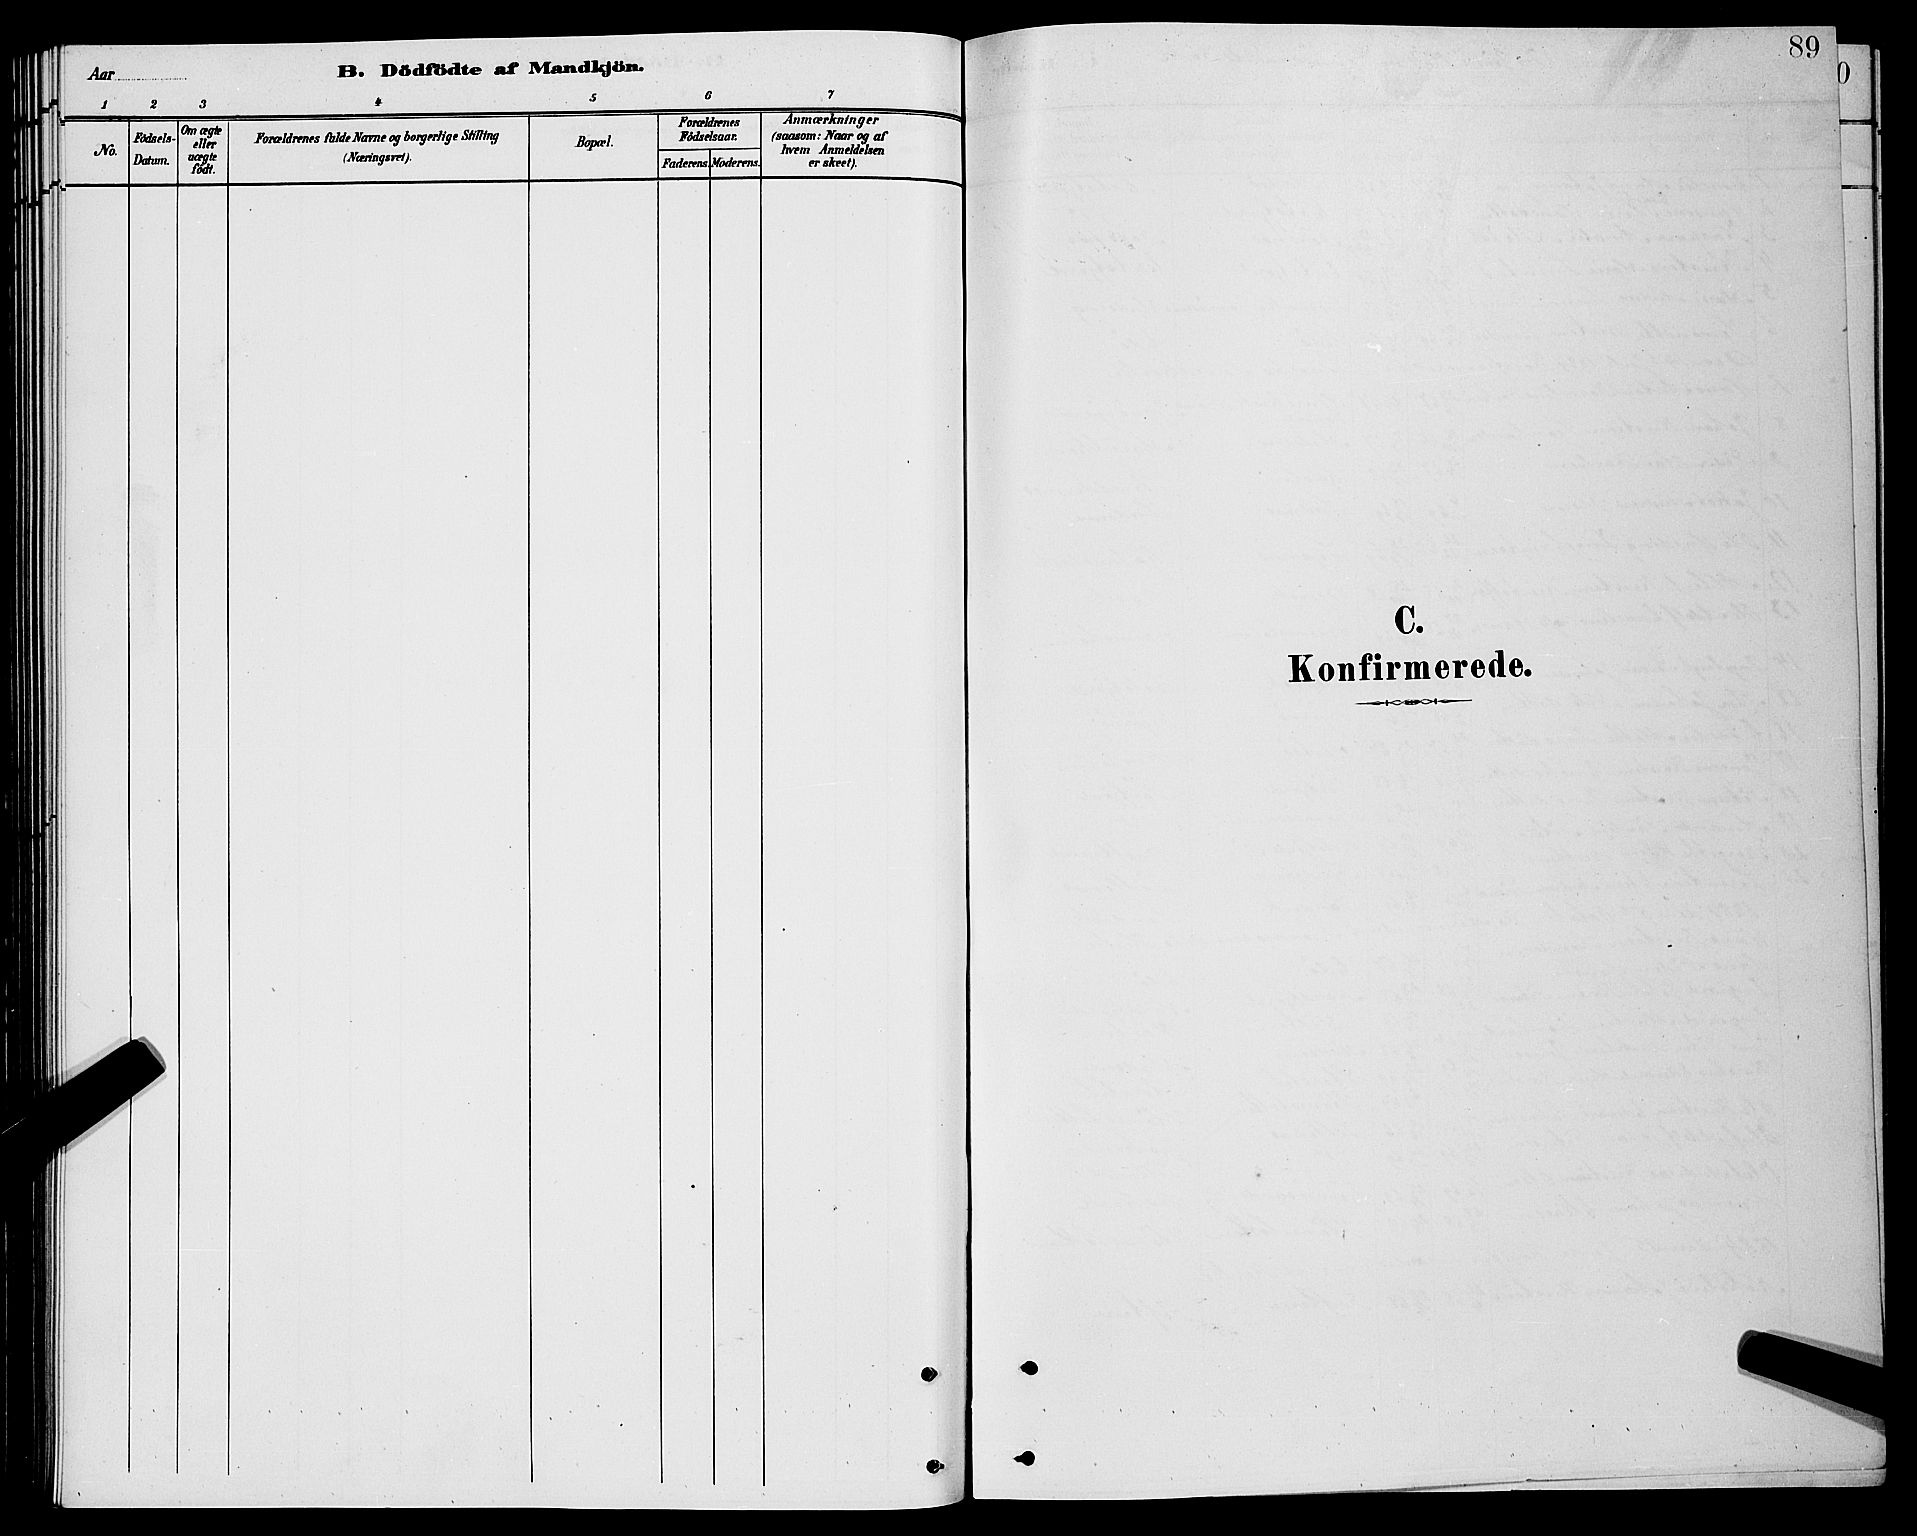 SATØ, Lenvik sokneprestembete, H/Ha: Klokkerbok nr. 21, 1884-1900, s. 89